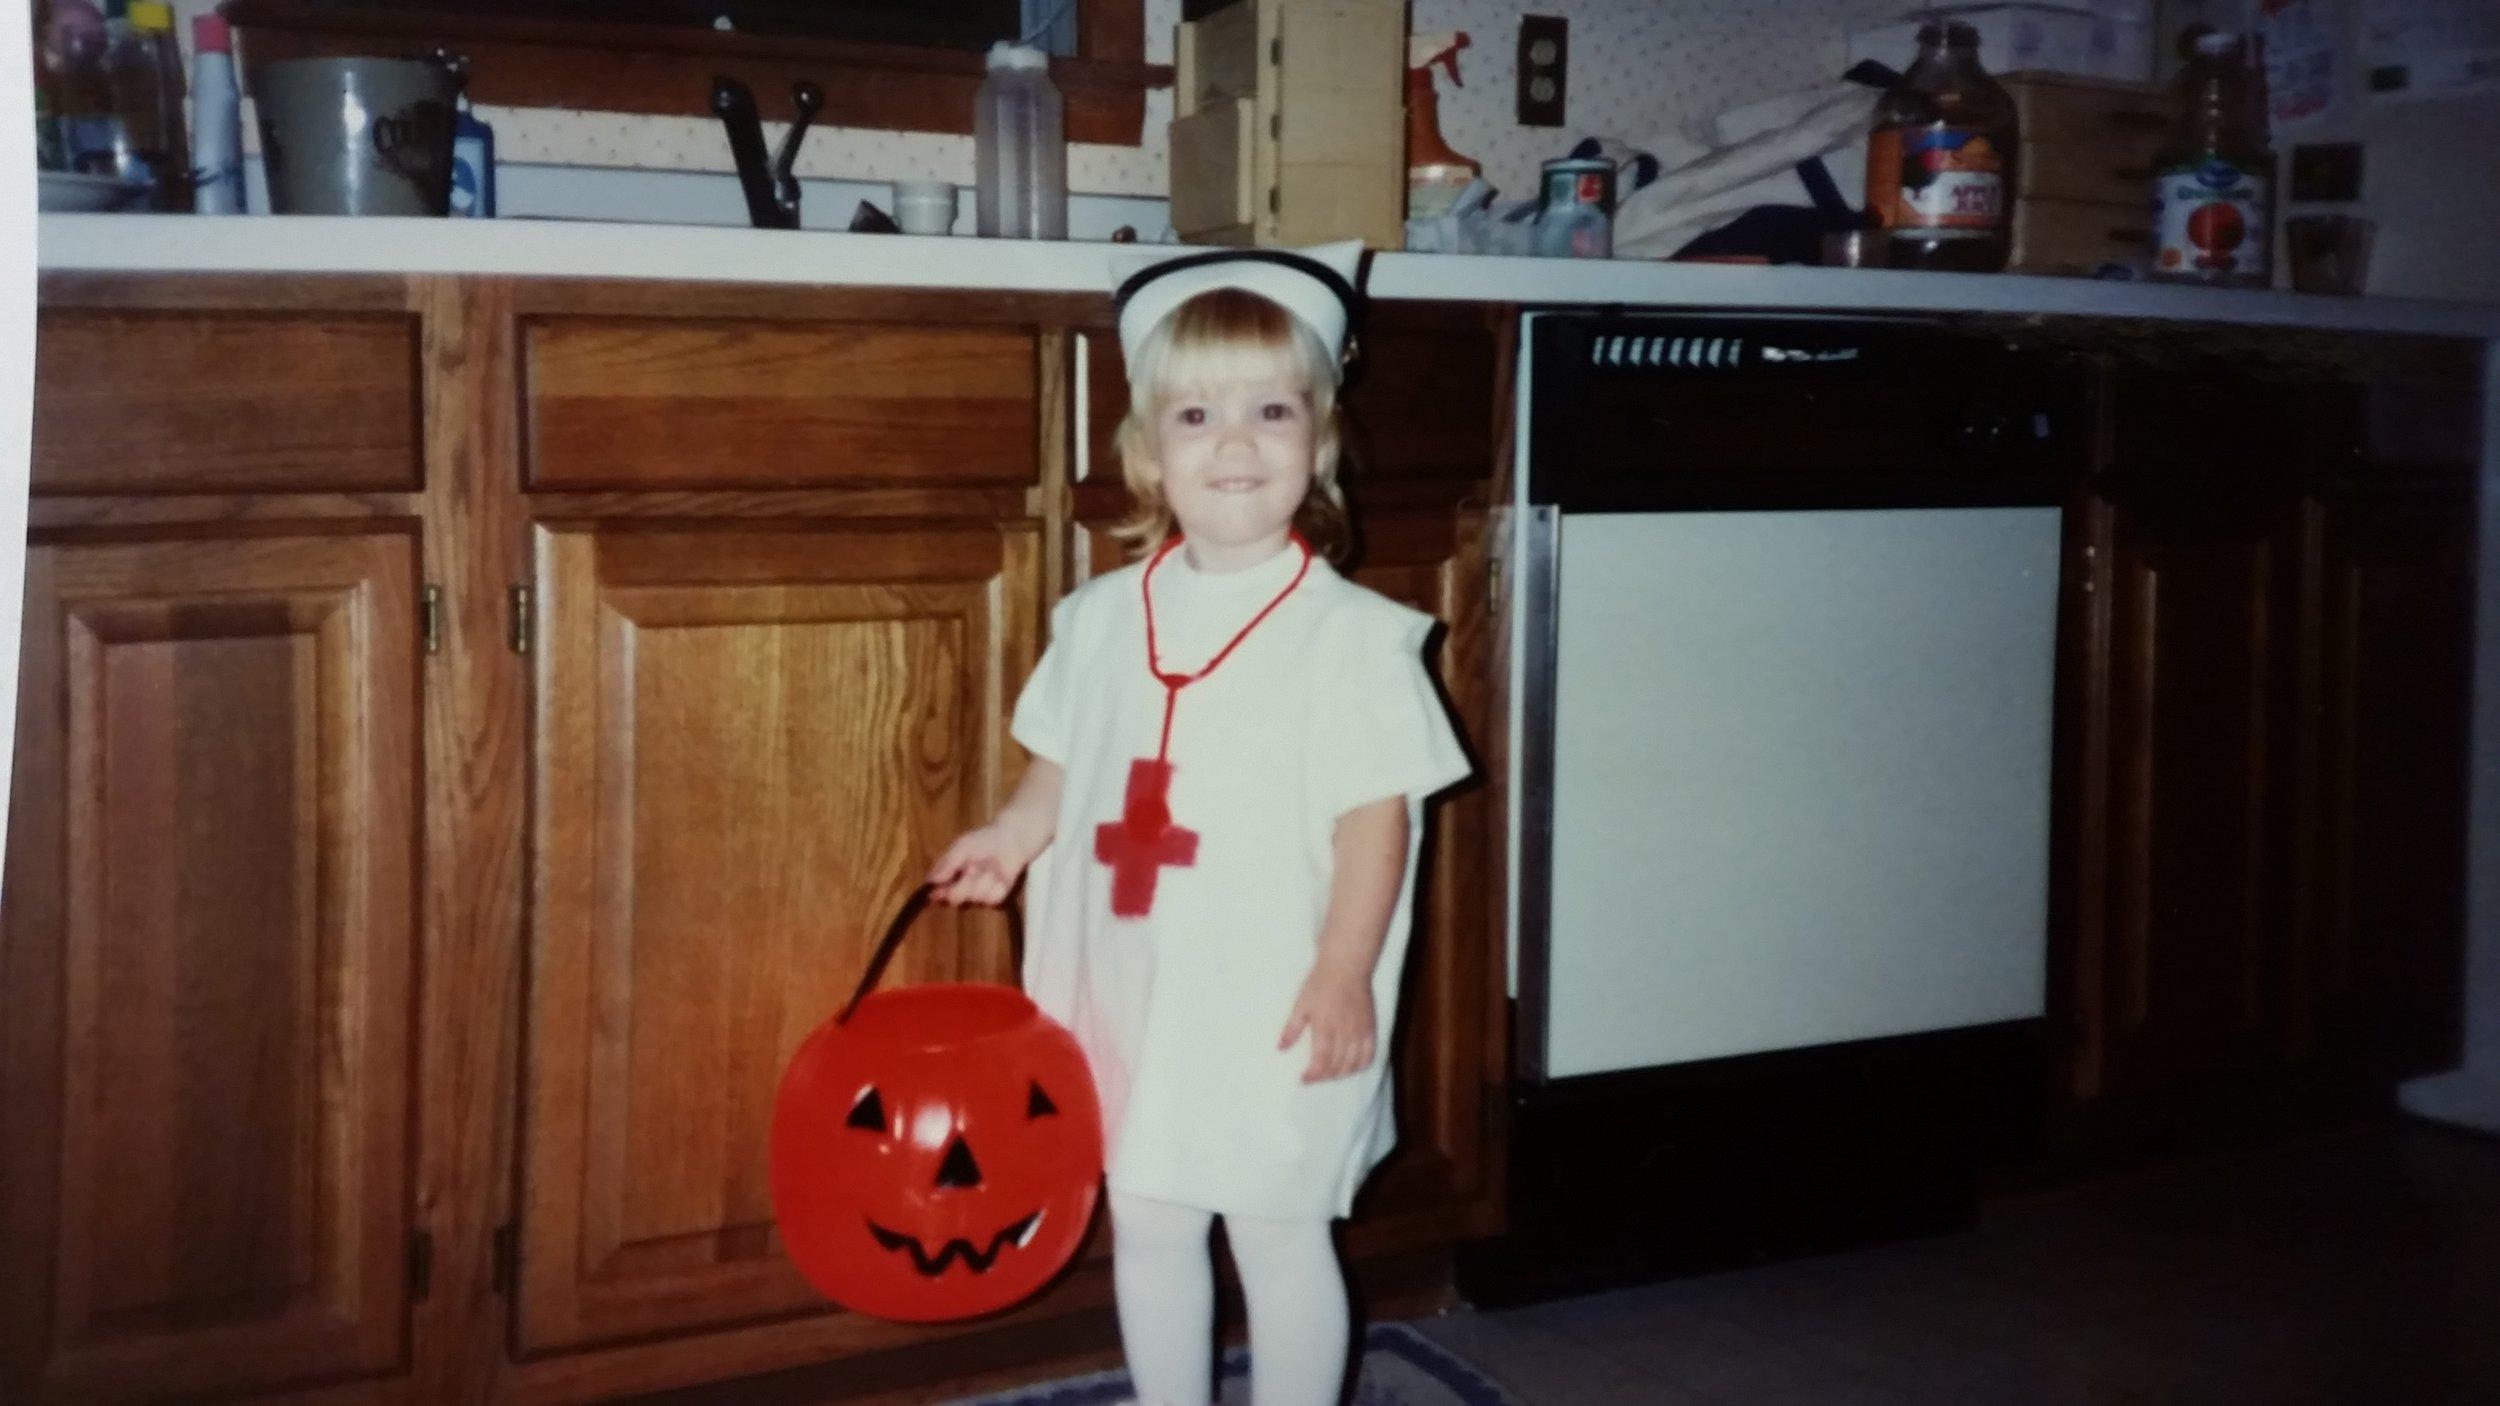 Kristen_nurse_Halloween.jpg